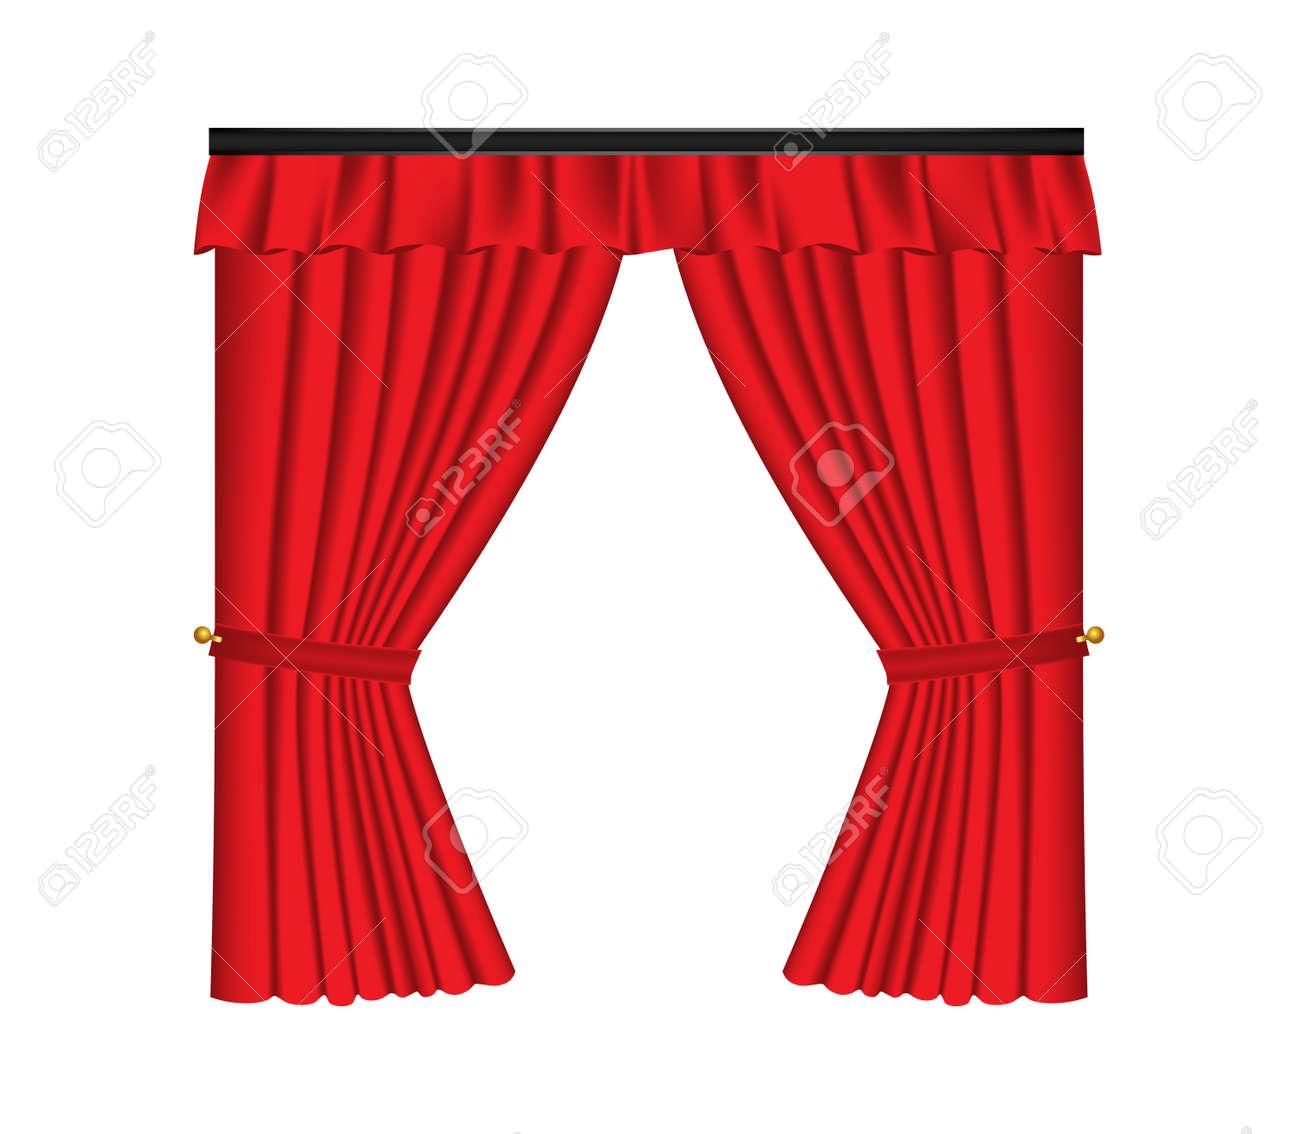 red luxe gordijnen en draperien op een witte achtergrond realistische vector illustratie stockfoto 72988258